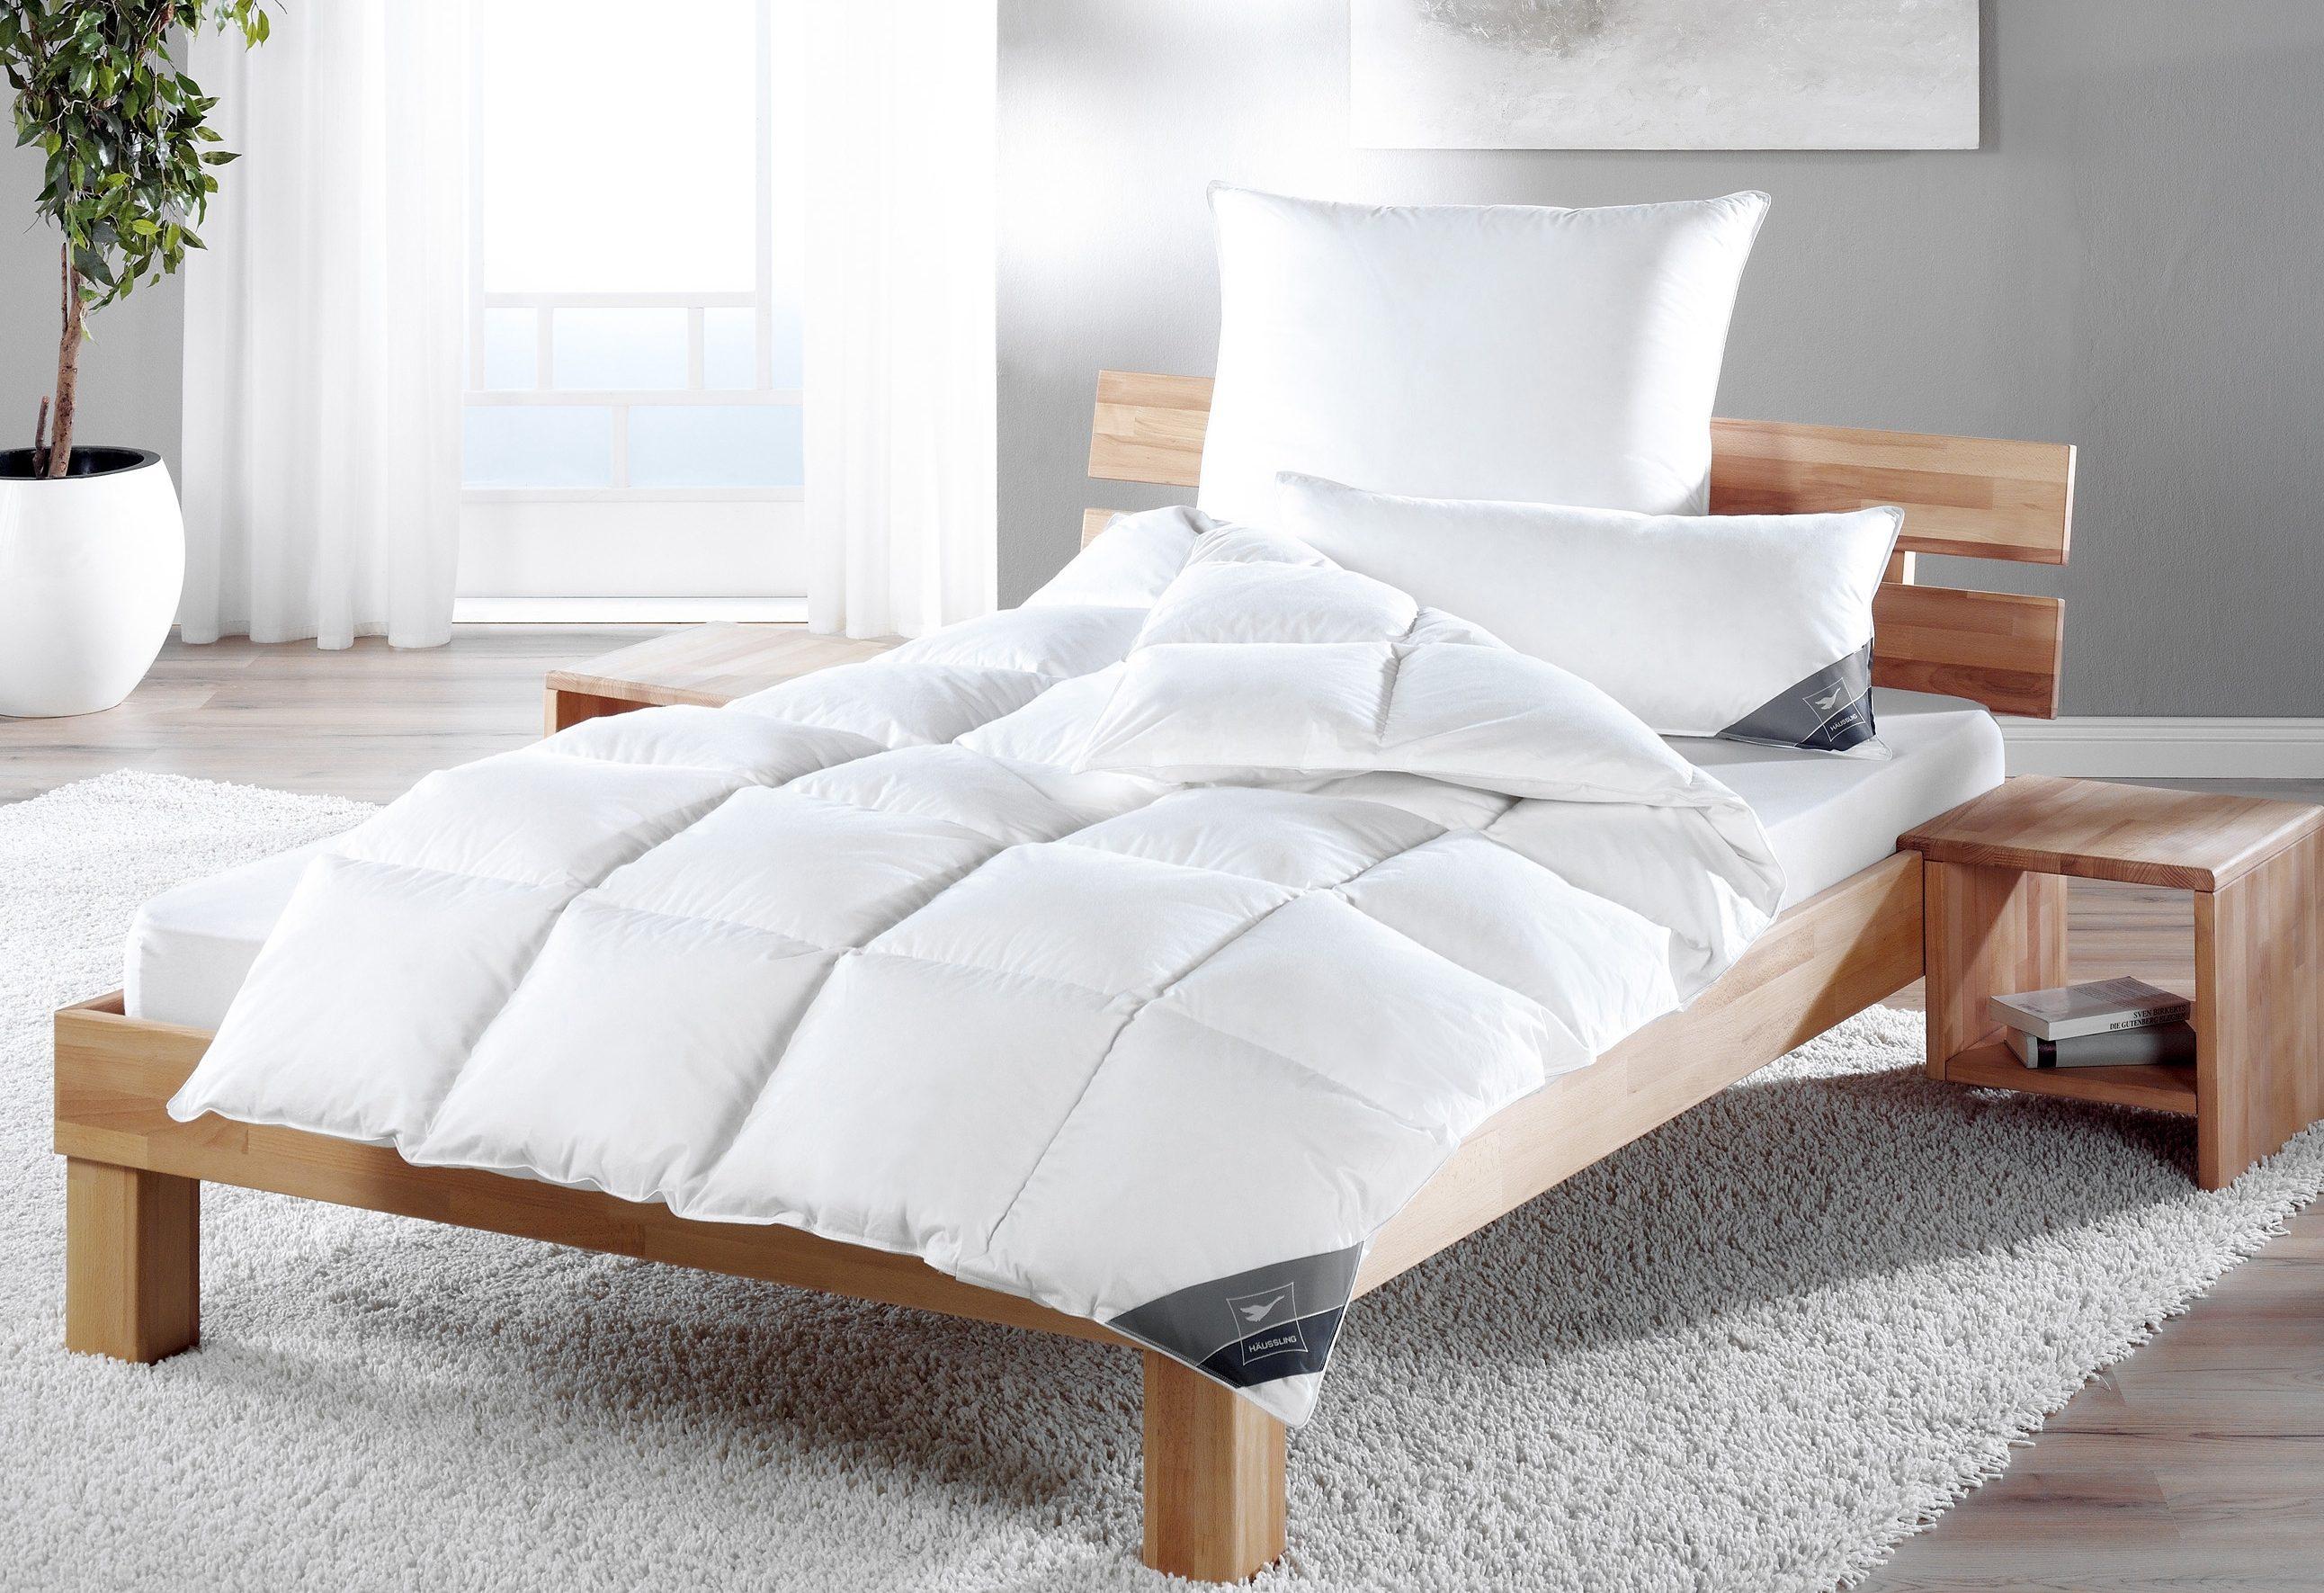 Daunenbettdecke Kuscheltraum Haeussling warm Füllung: 60% Daunen 40% Federn Bezug: 100% Baumwolle